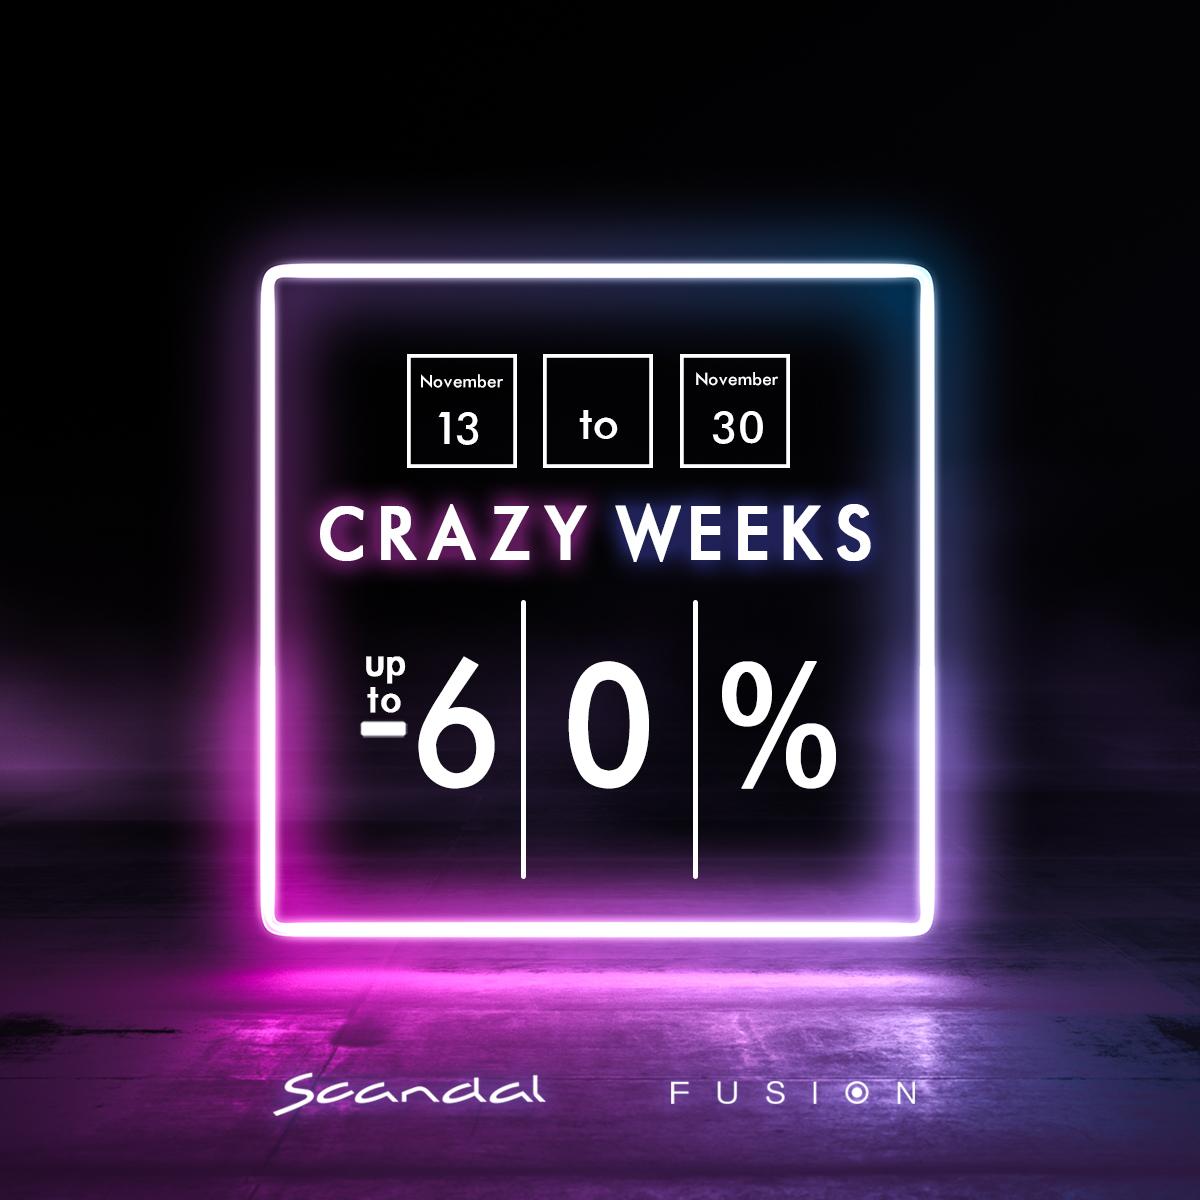 Crazy weeks в магазини Scandal и Fusion